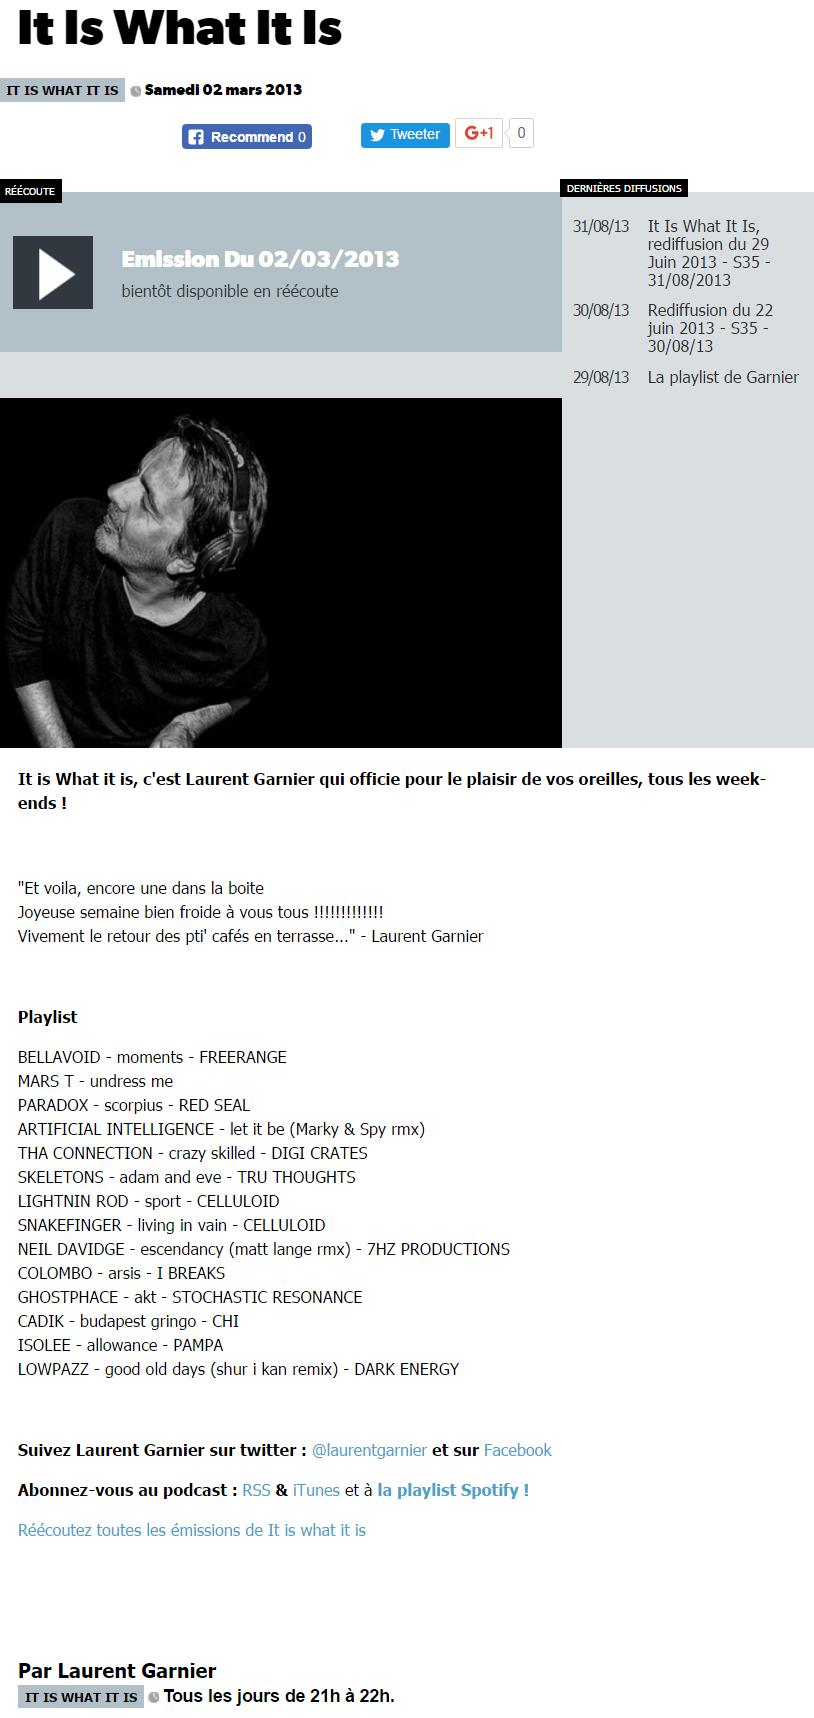 Le Mouv' - FR - March 2013